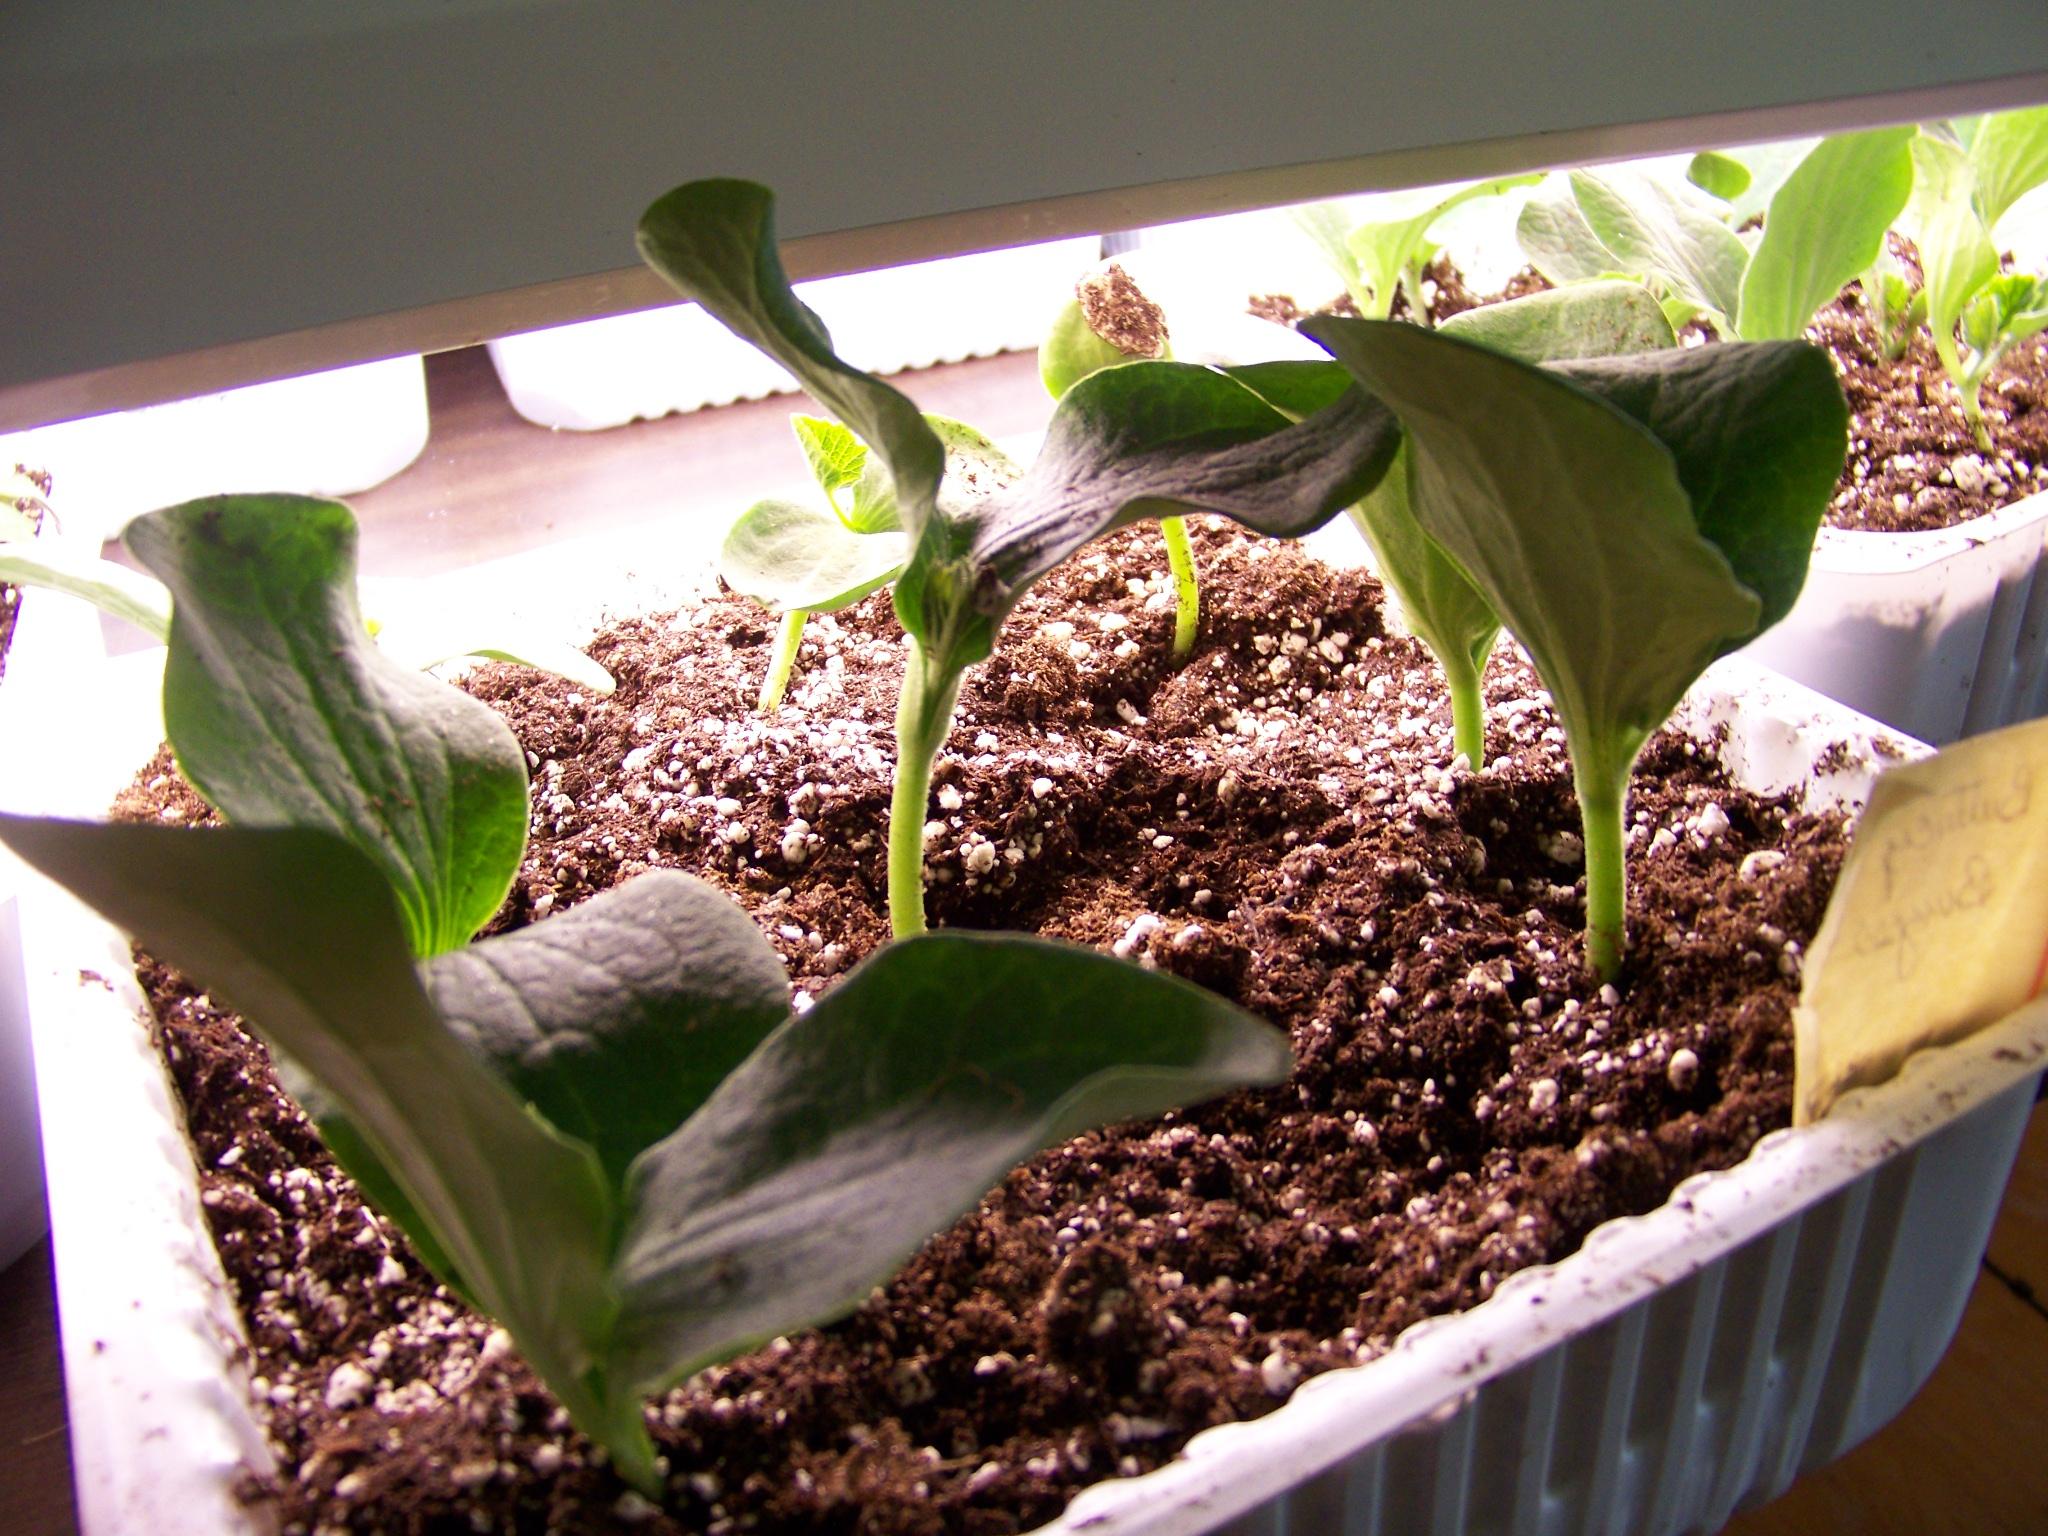 Gardening Series #7 Growth Rates of Seedlings